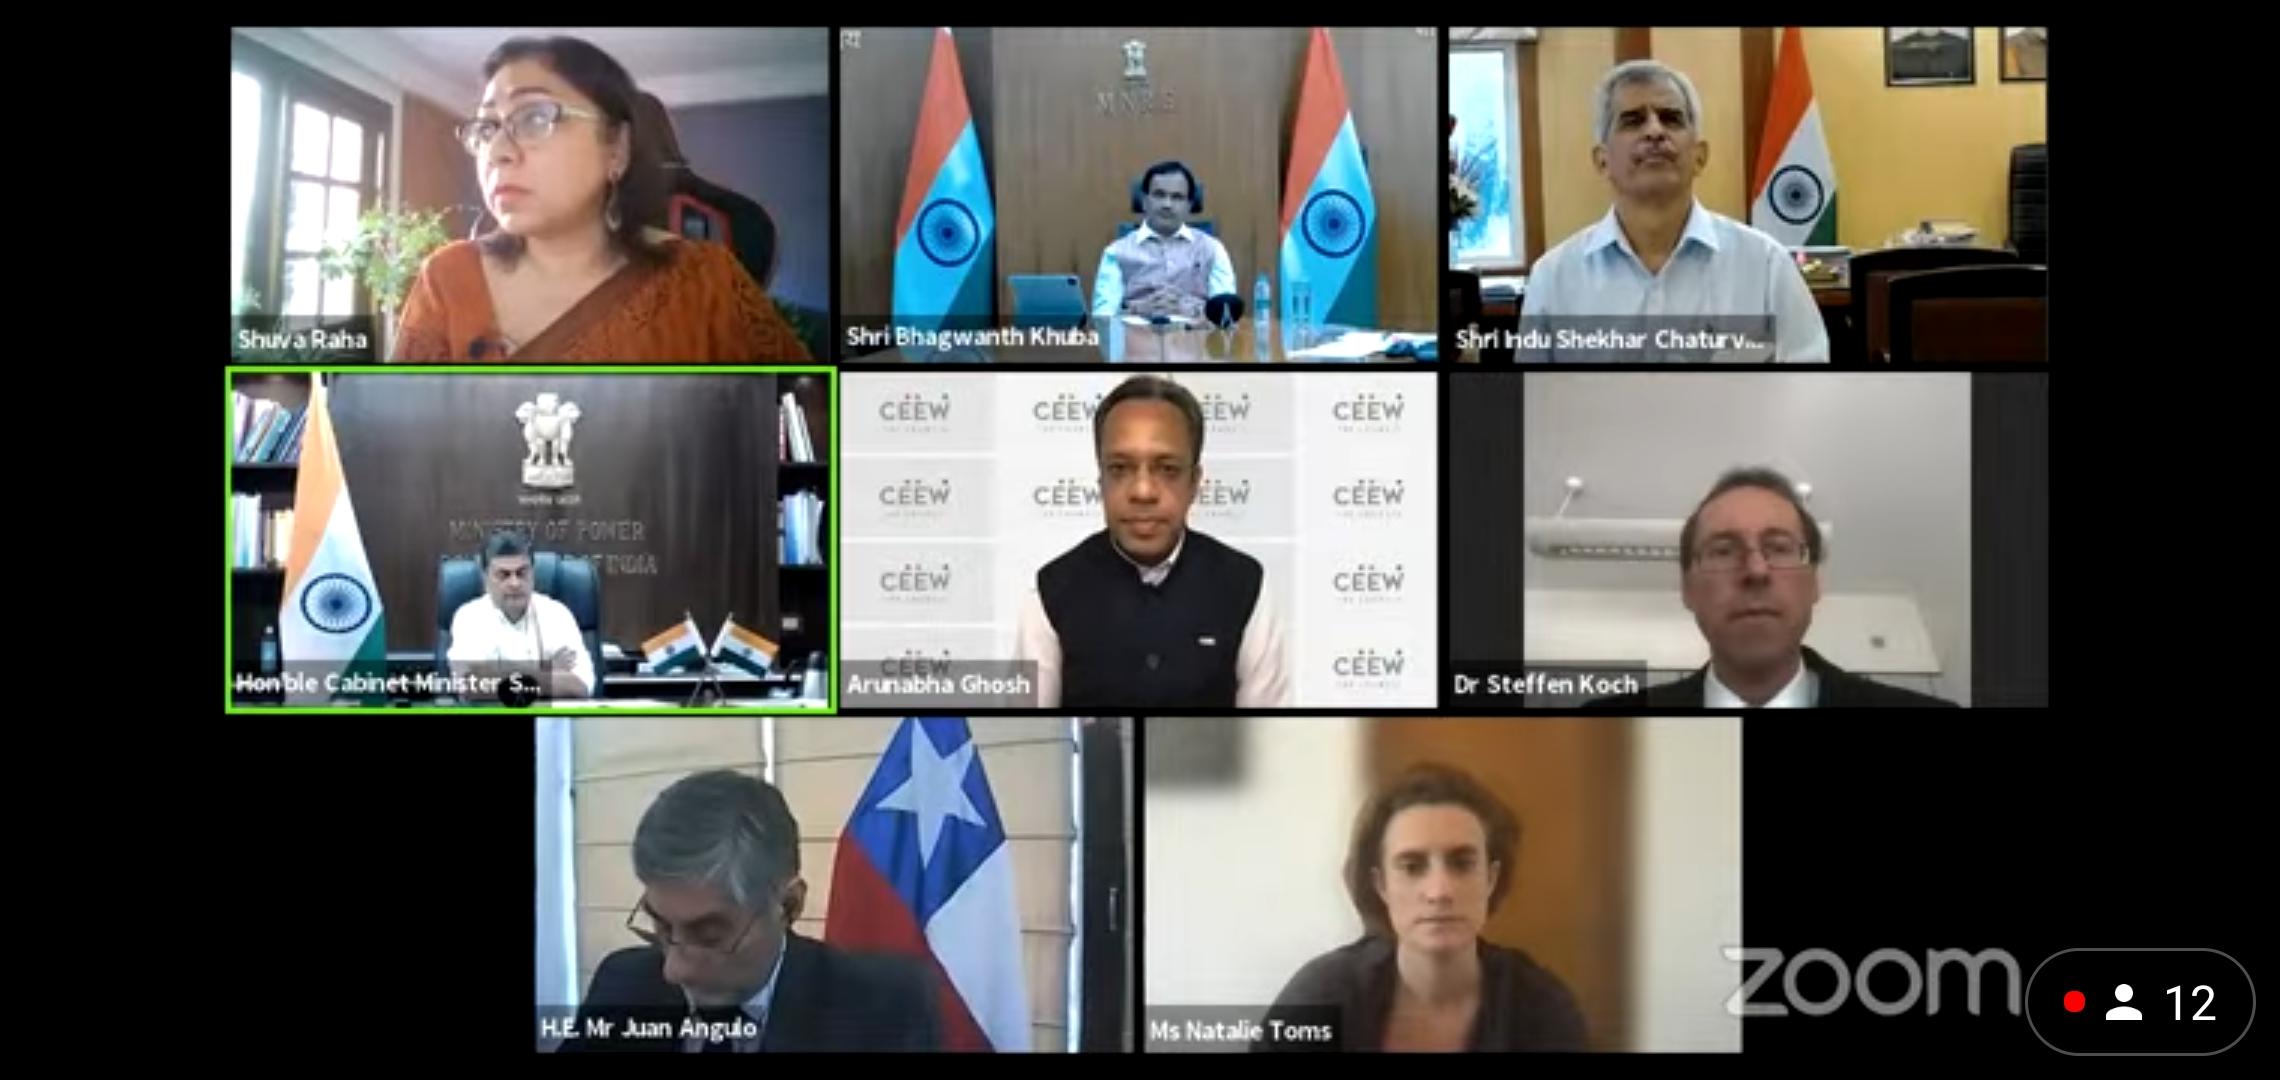 भारत ने यूएनएचएलडीई के अंतर्गत ऊर्जा परिवर्तन के लिए चार सर्वोत्तम वैश्विक देशों – चिली, डेनमार्क, जर्मनी और यूके को औद्योगिक ऊर्जा परिवर्तन पर चर्चा करने के लिए आमंत्रित किया